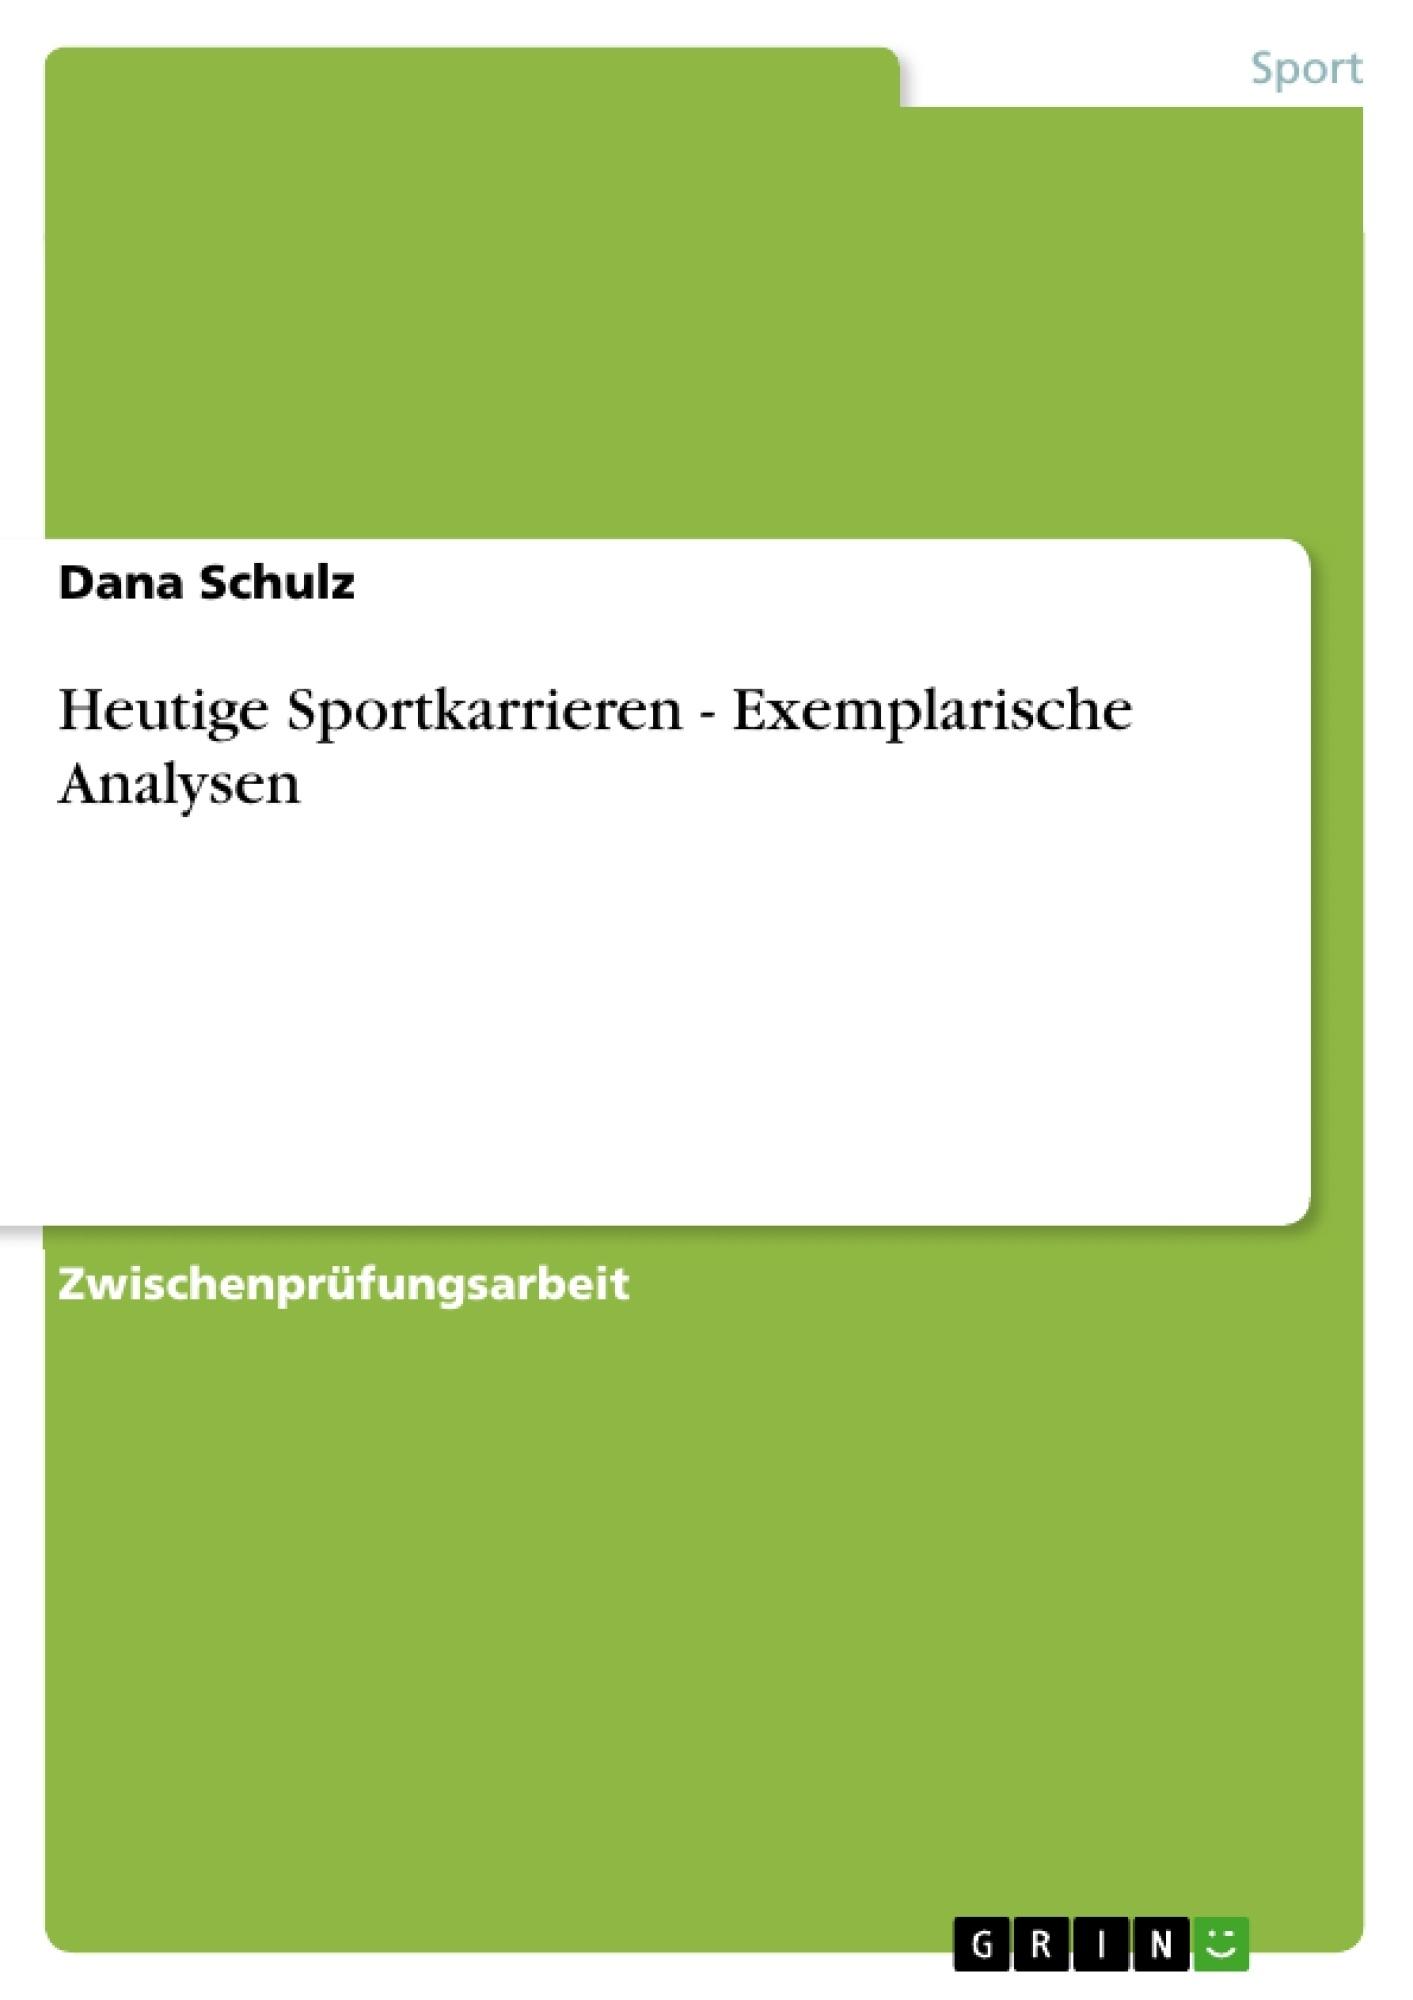 Titel: Heutige Sportkarrieren - Exemplarische Analysen